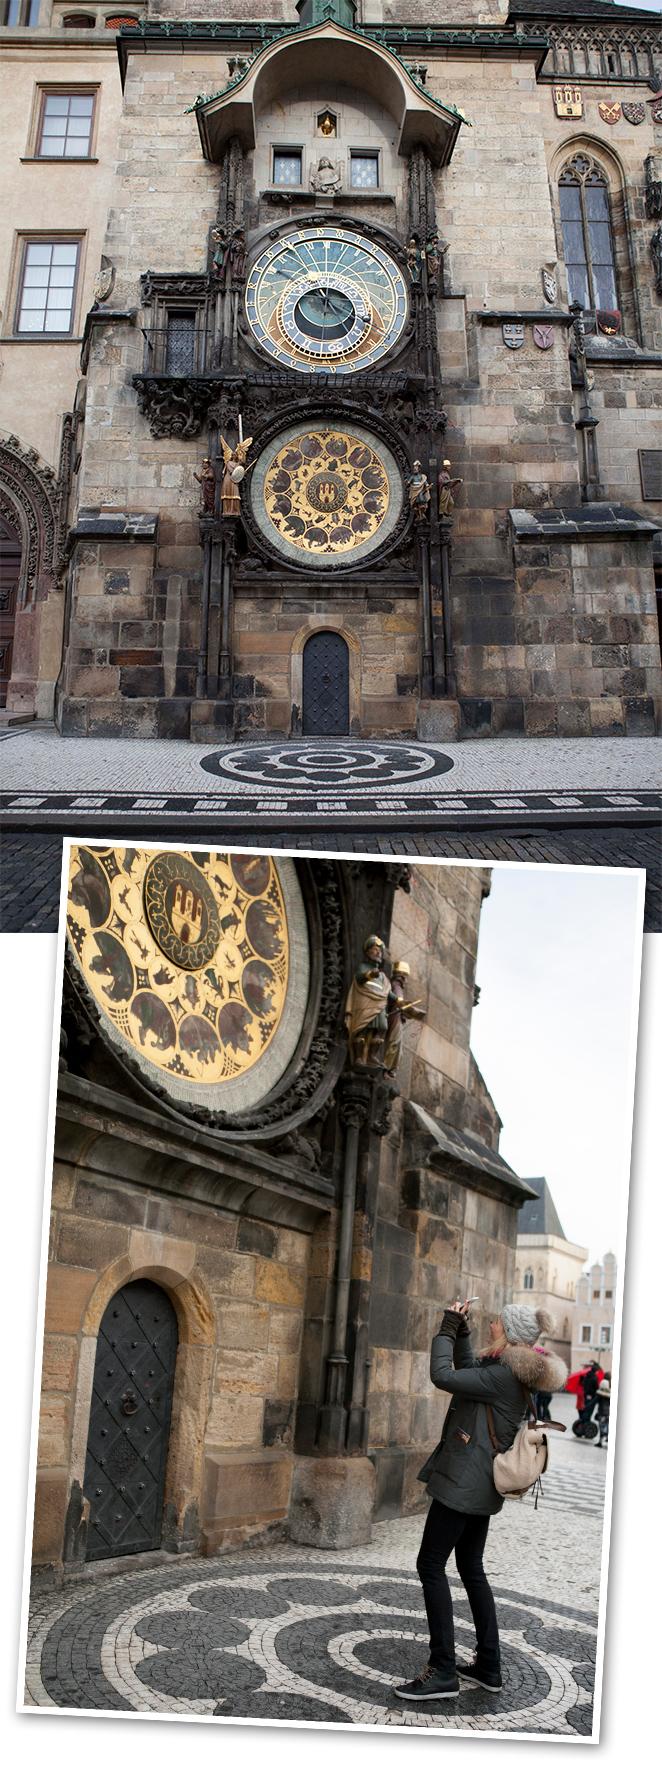 Famoso reloj astronómico del Viejo Ayuntamiento